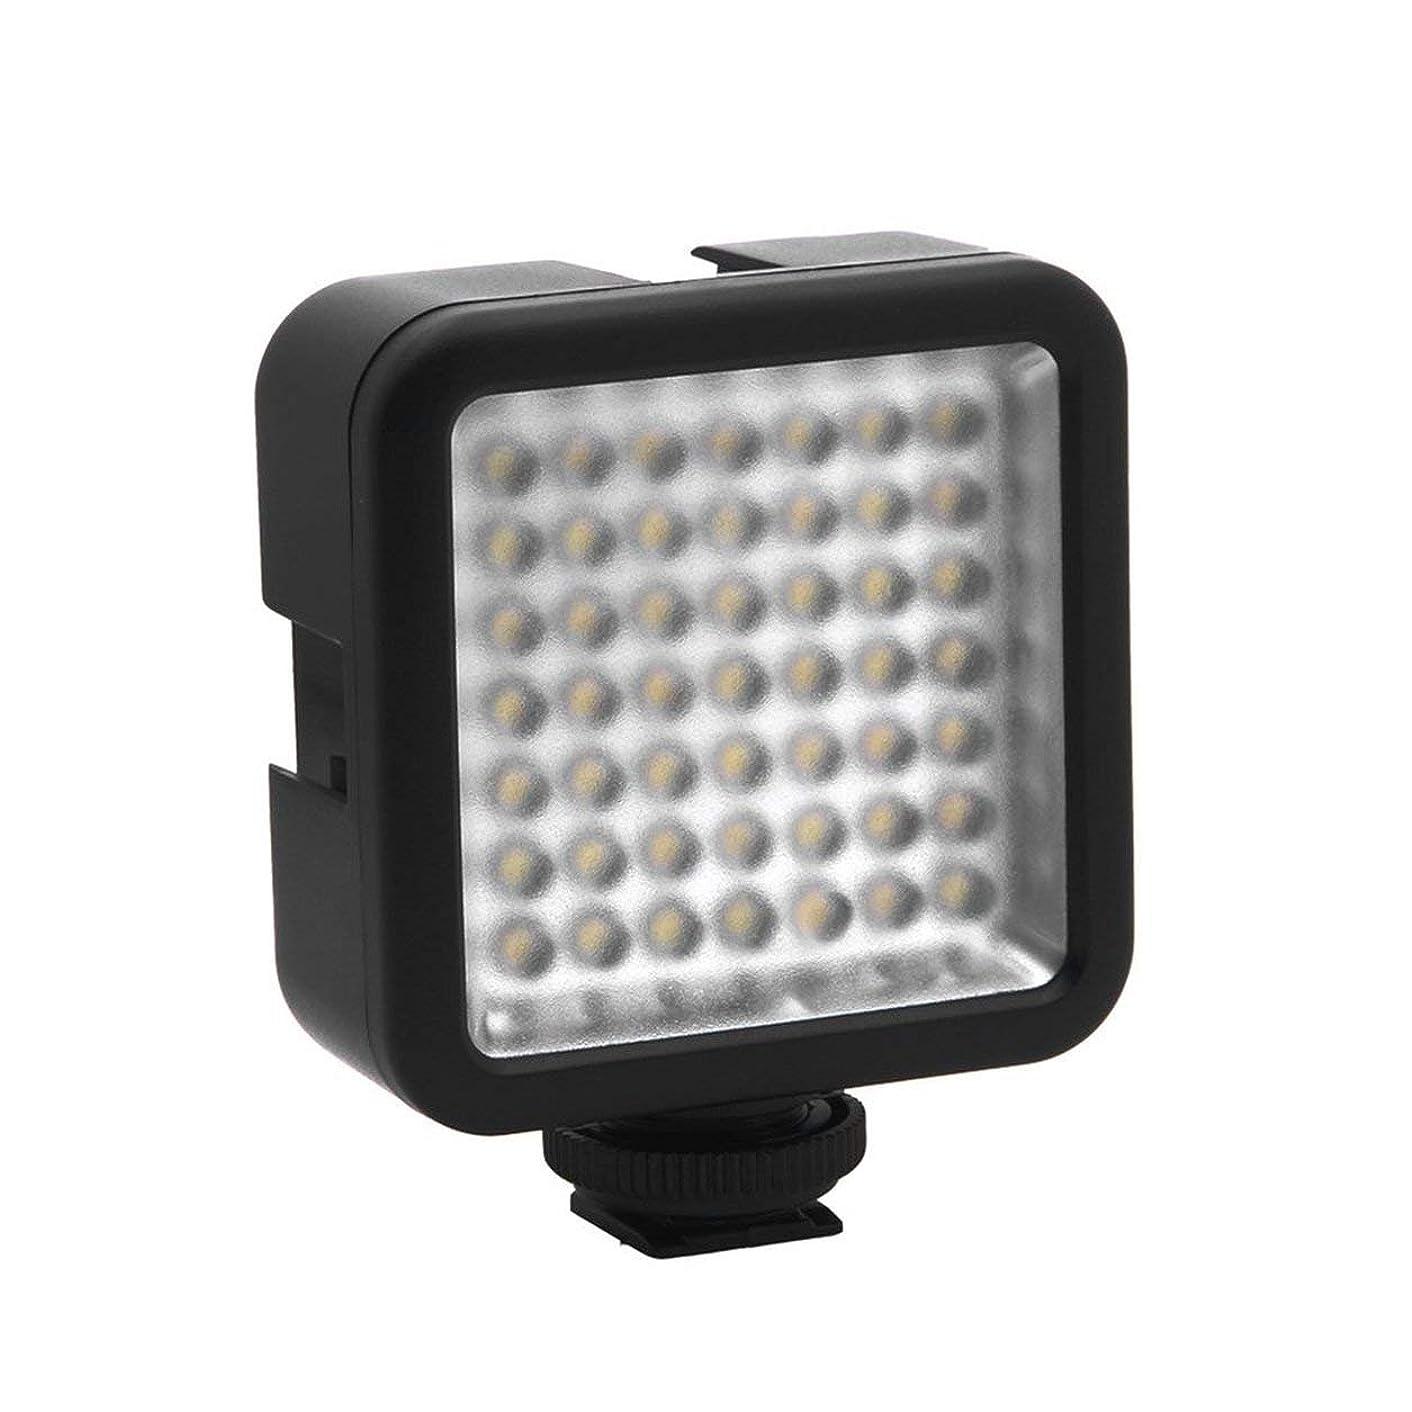 無実外部夜間LEDライトの明るさの写真ランプフラッシュは携帯電話のカメラのライトを記入します